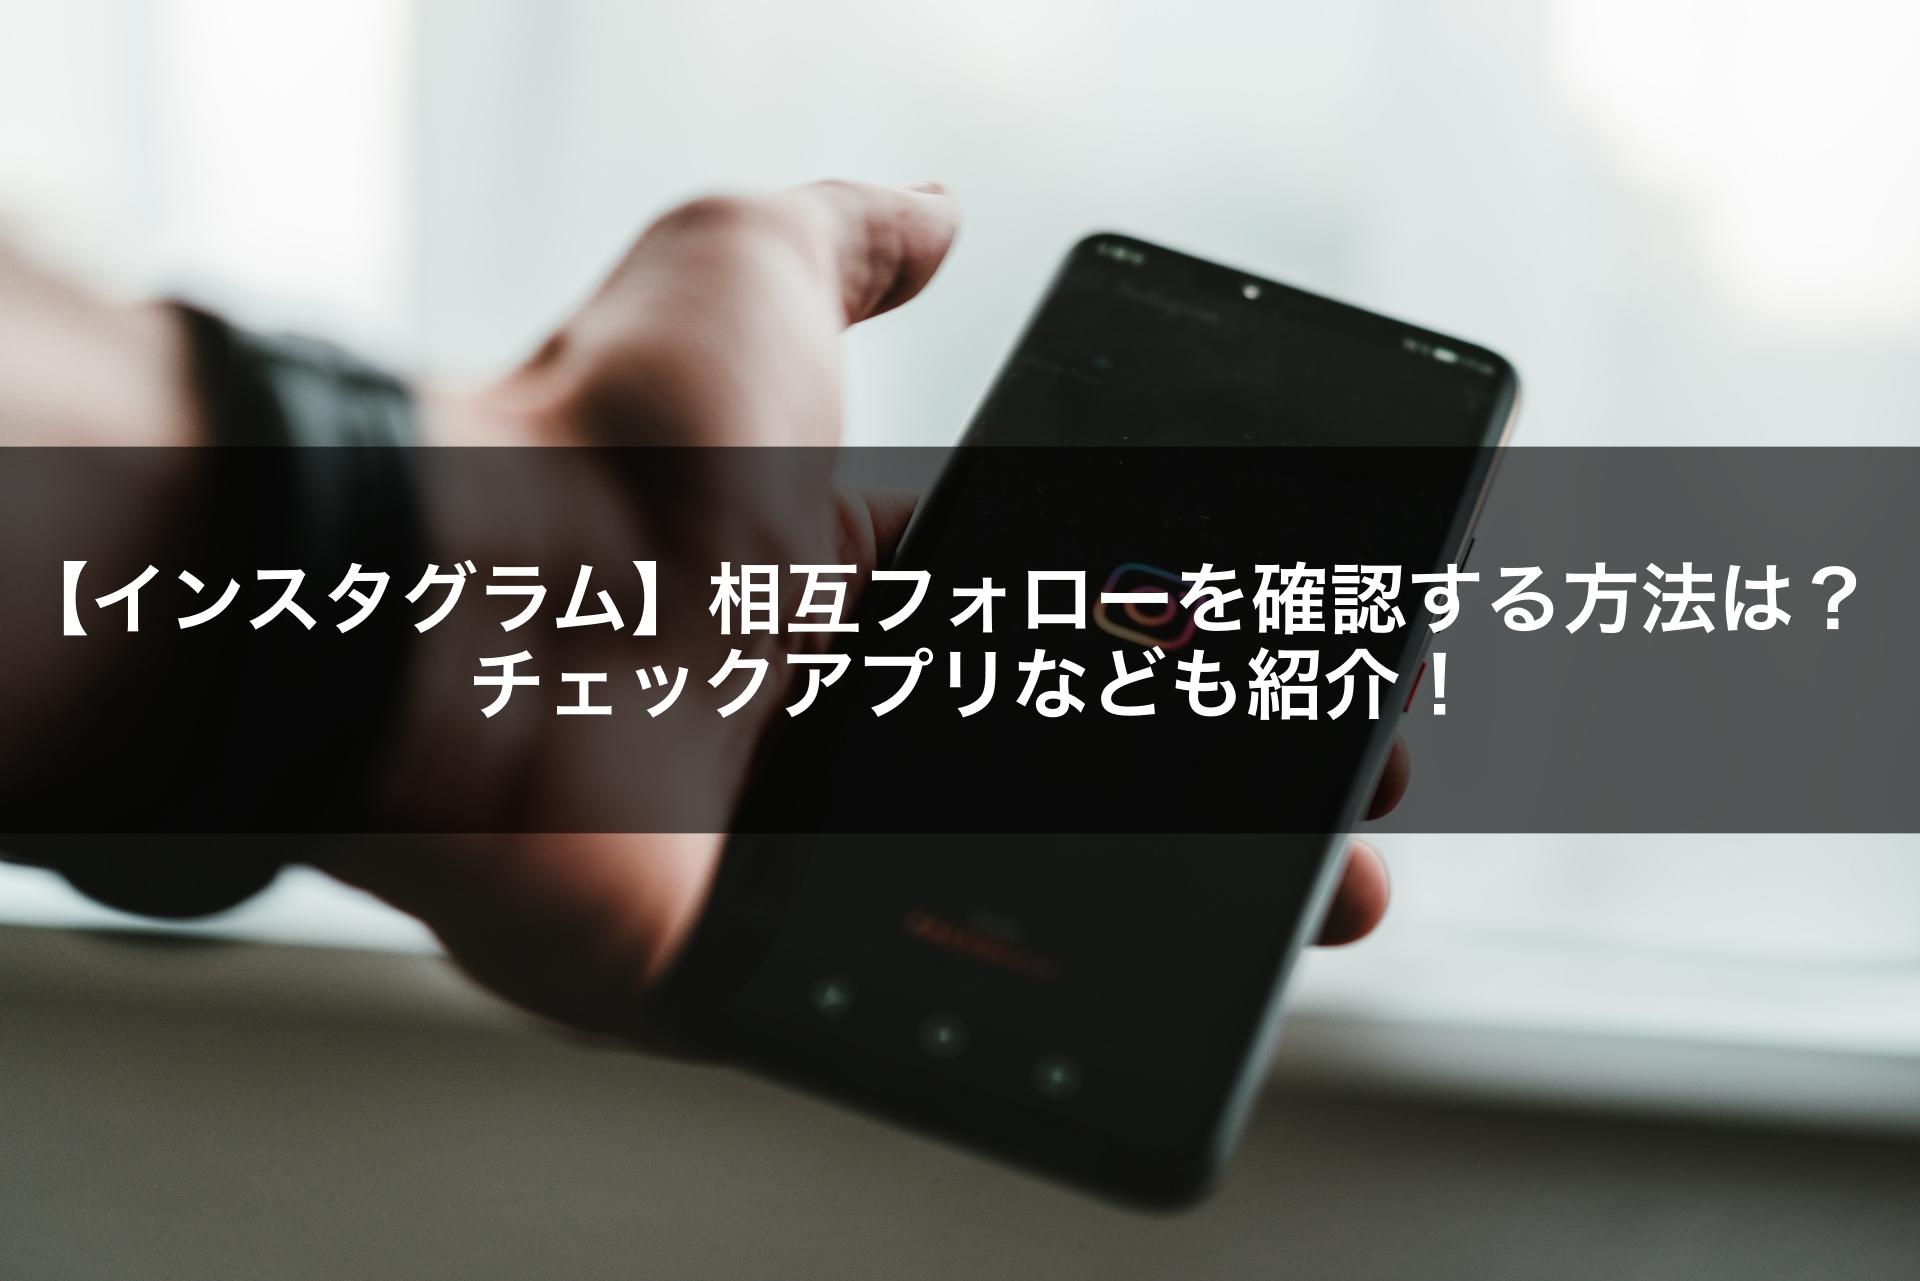 【インスタグラム】相互フォローを確認する方法は?チェックアプリなども紹介!